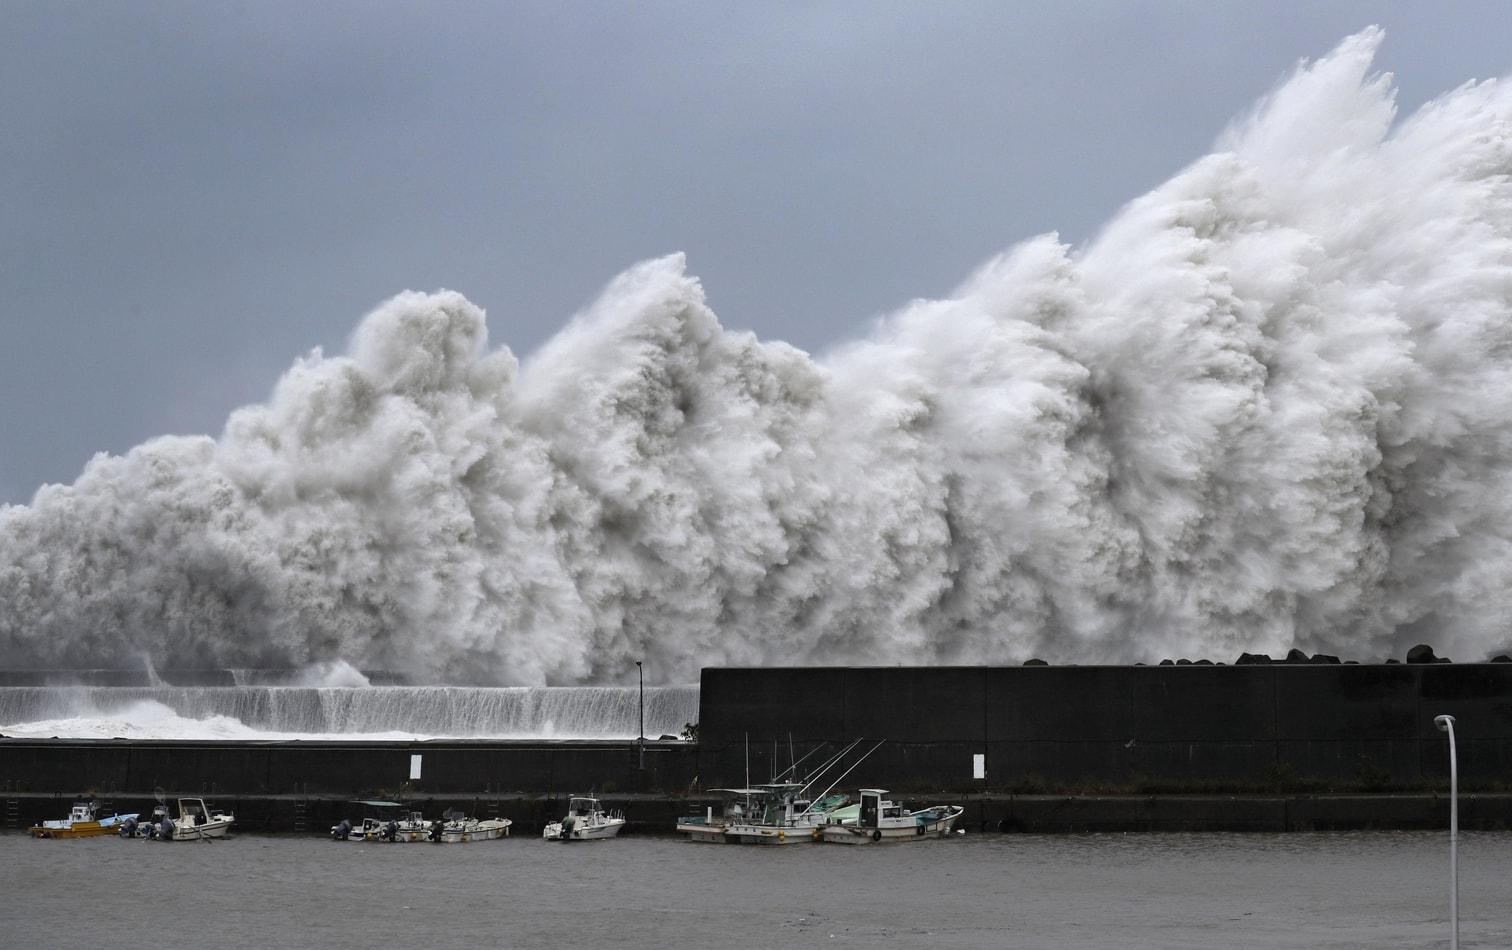 <p>Japans internationaler Flughafen Kansai in der westlichen Provinz Osaka ist in Folge eines gewaltigen Taifuns teils überschwemmt worden. </p> Foto: dpa